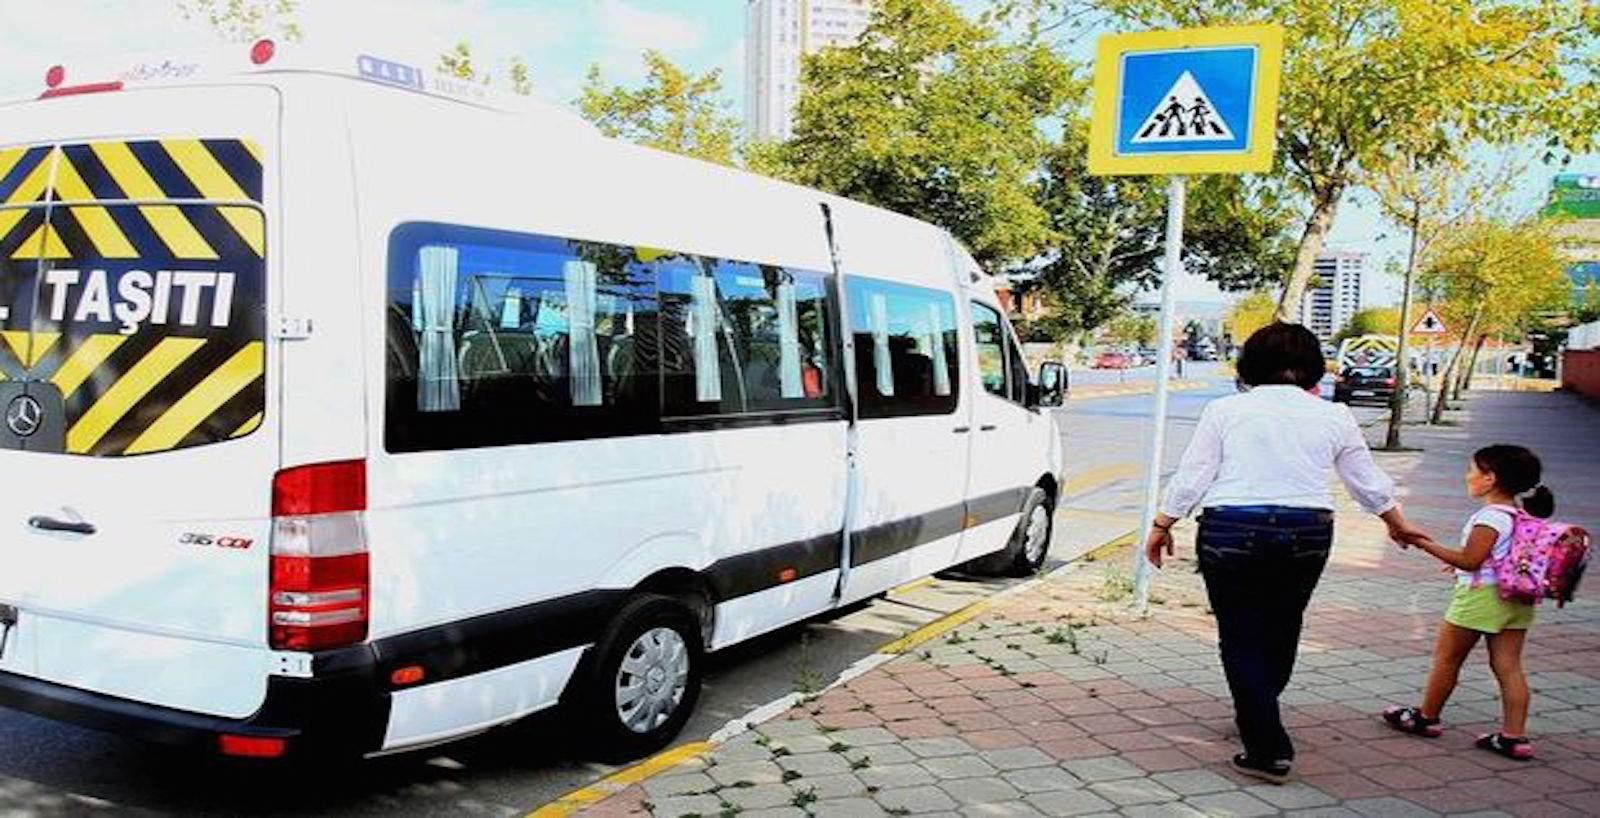 Servis Araçlarının Fiyat Tarifesi Belirlendi